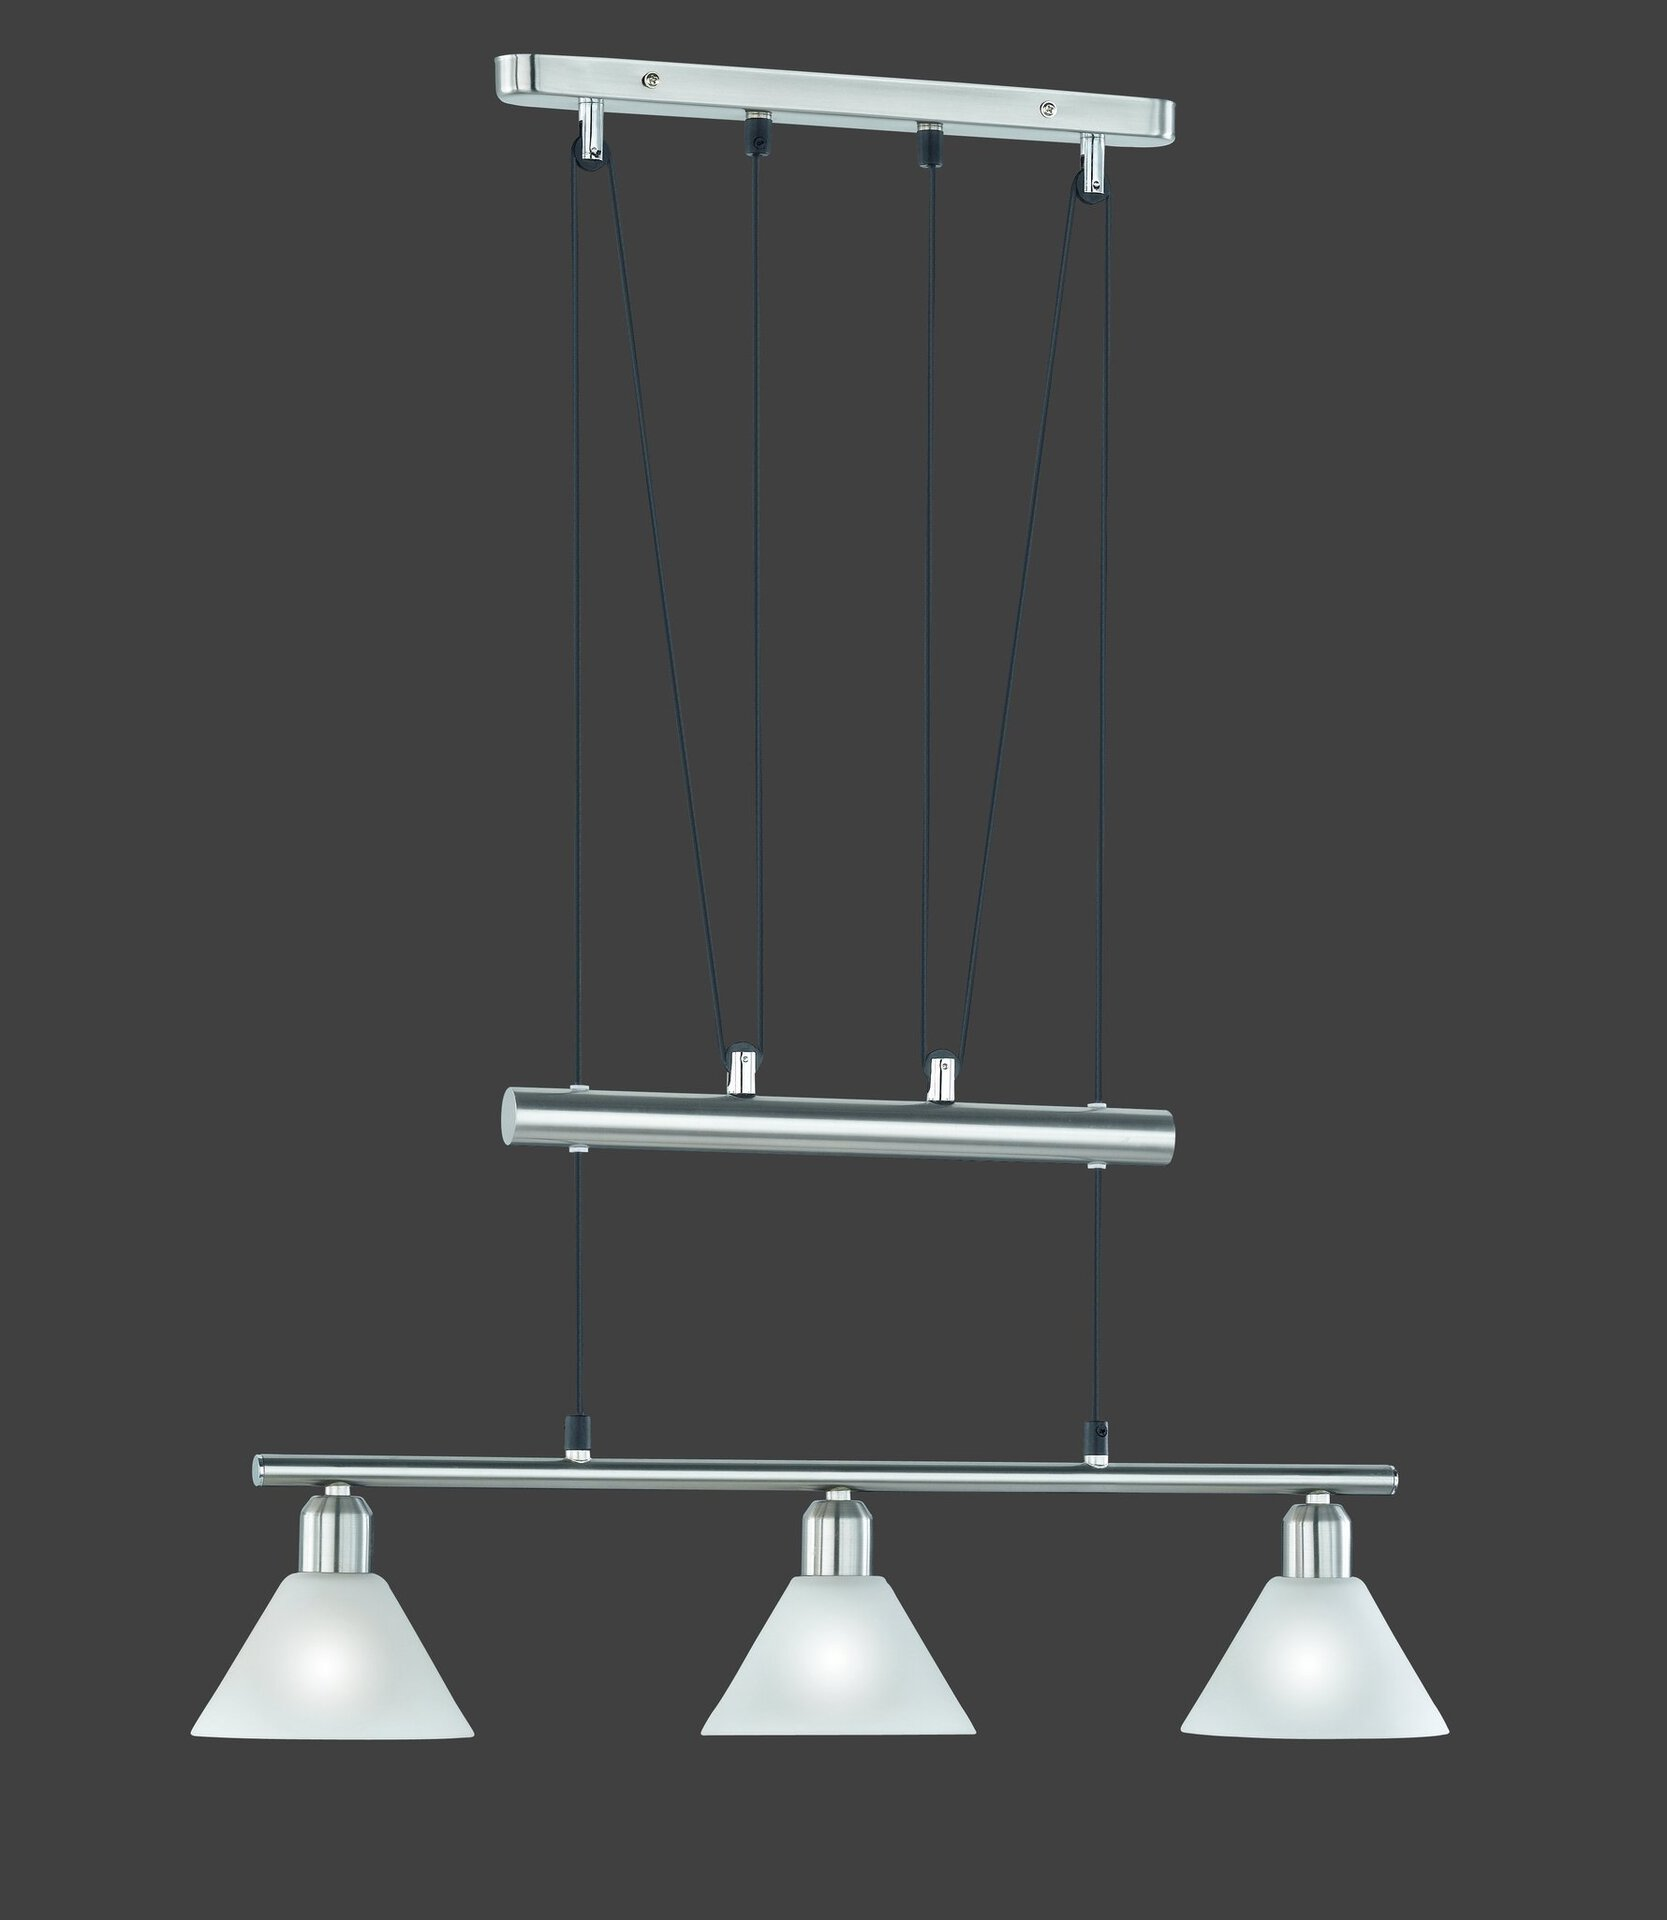 Pendelleuchte Stamina Trio Leuchten Metall 180 x 66 cm